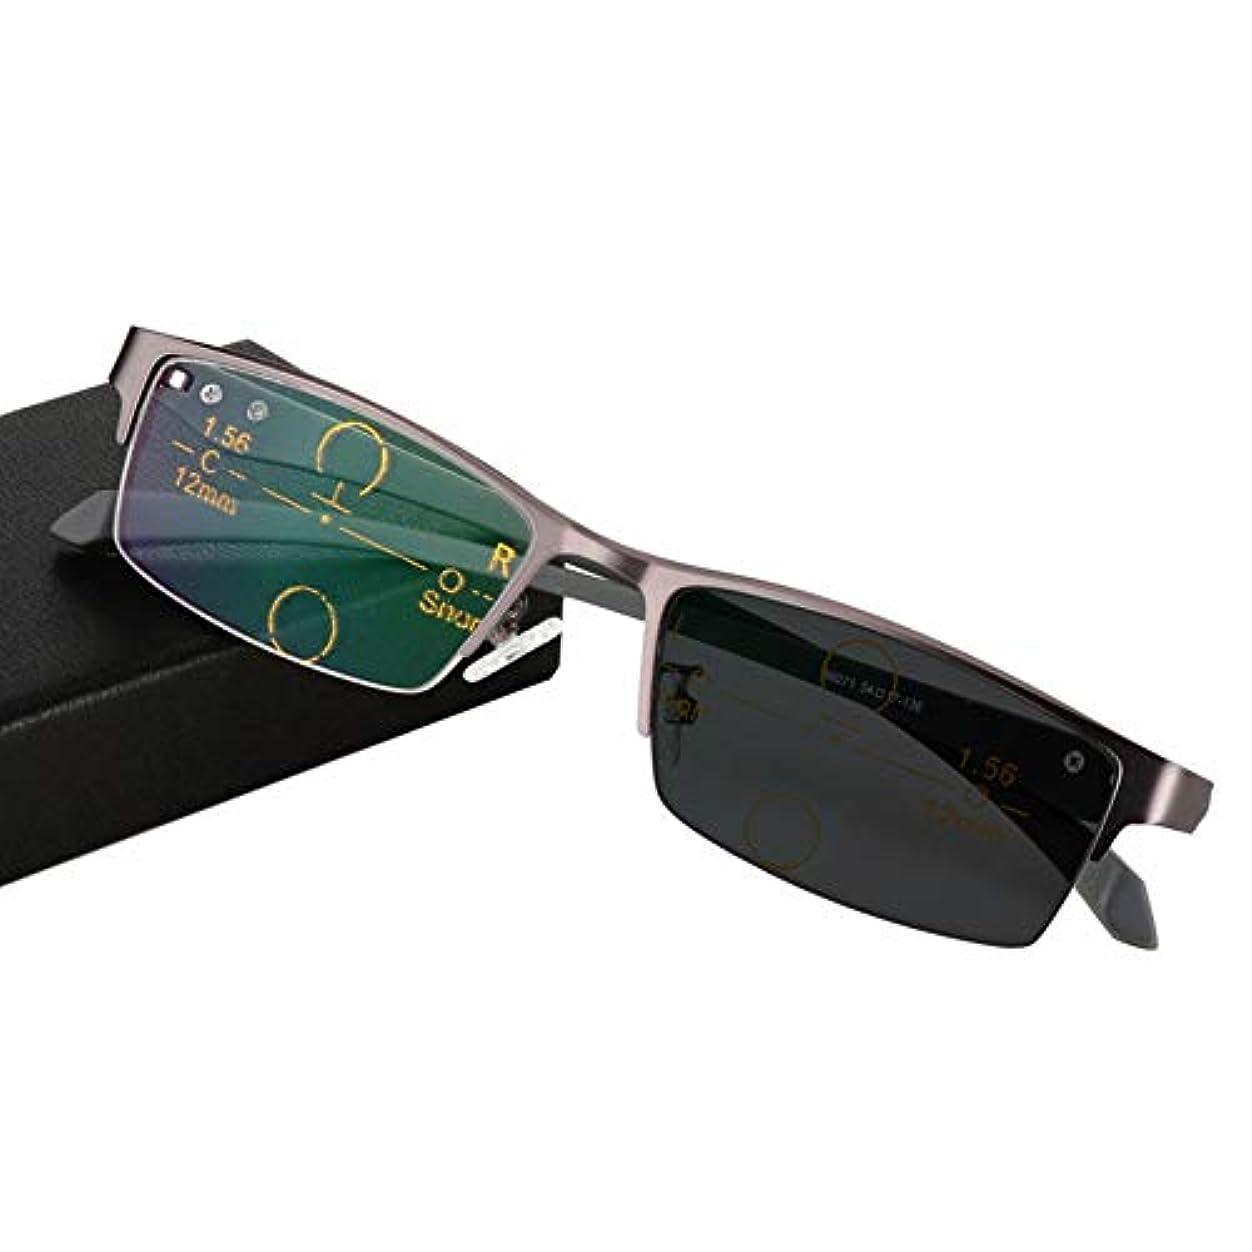 オーバードロー思いつくルーフビジネスインテリジェント老眼鏡、フォトクロミックダブルライトサングラス、多焦点視度調節可能メガネ付き調節可能ビジョン、軽量および薄型の樹脂レンズ、読書時に着用